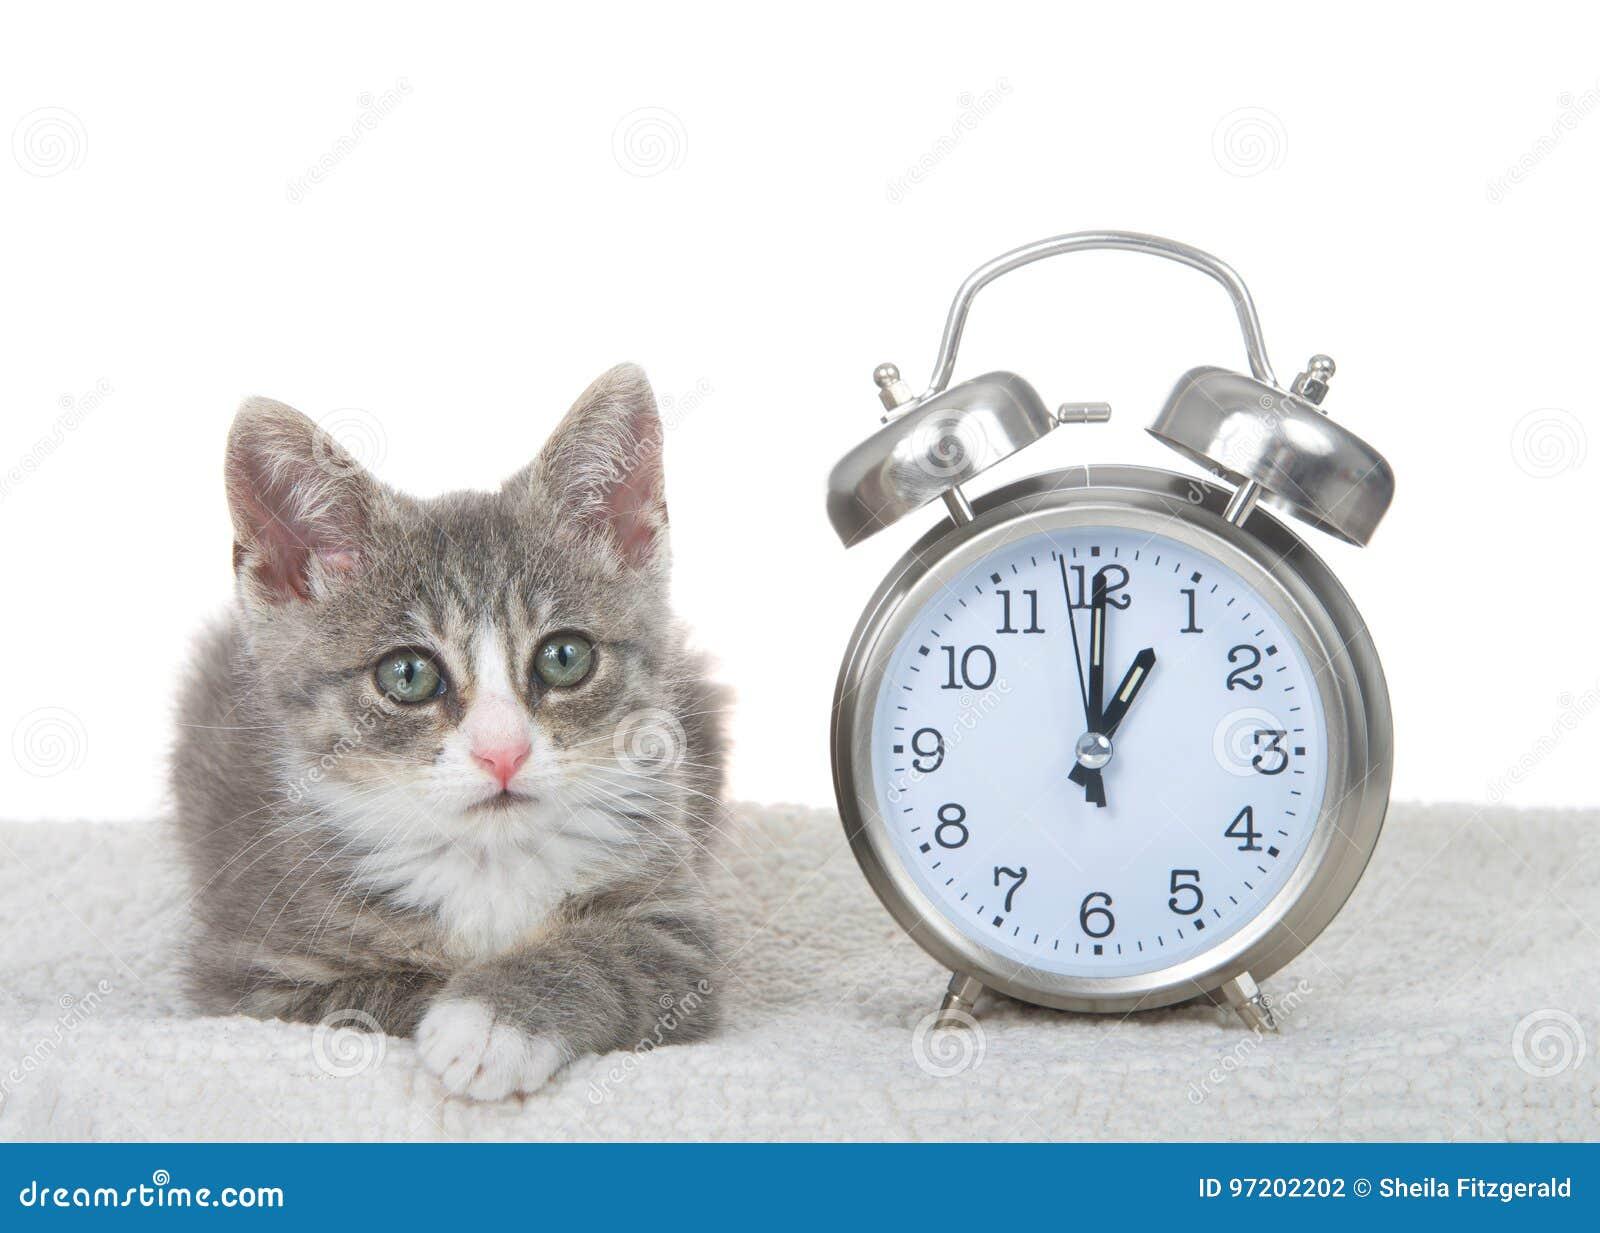 Τιγρέ γατάκι δίπλα στο ρολόι sheepskin στο κρεβάτι, έννοια αποταμίευσης φωτός της ημέρας